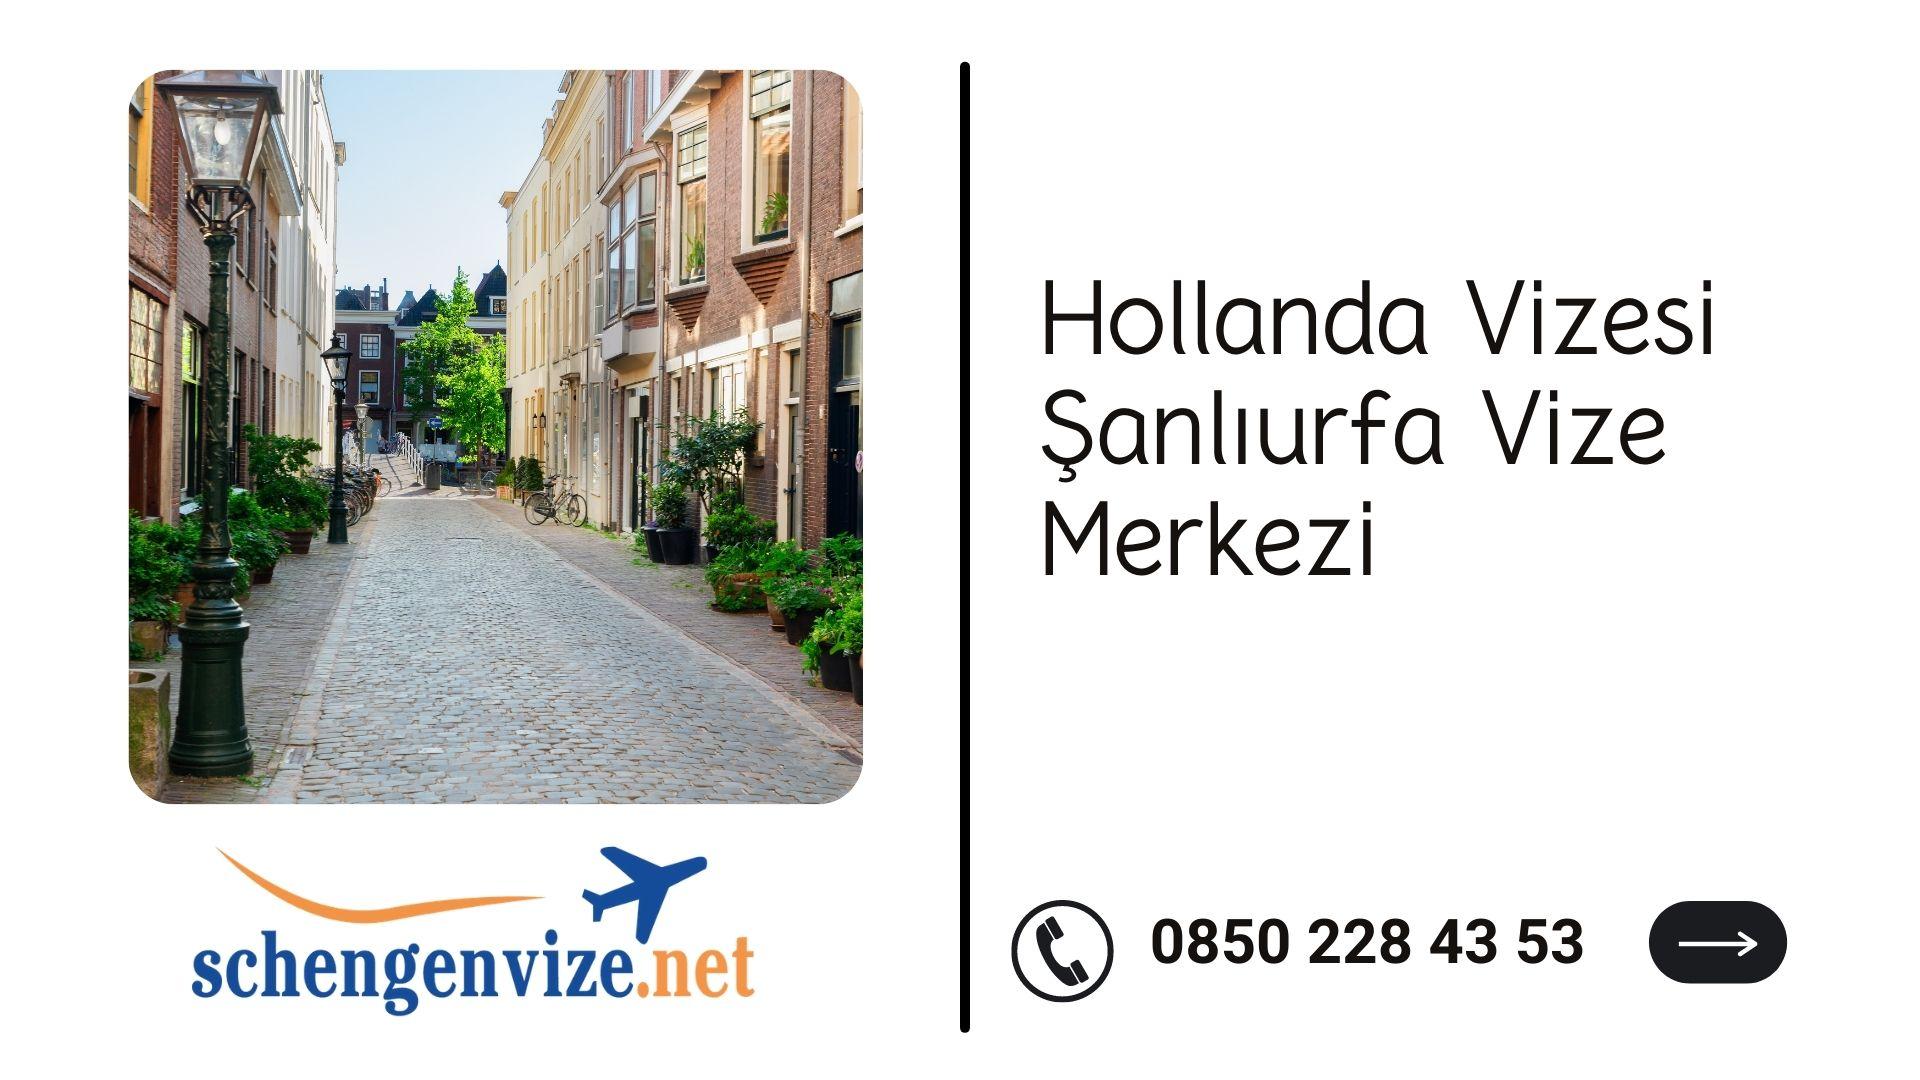 Hollanda Vizesi Şanlıurfa Vize Merkezi